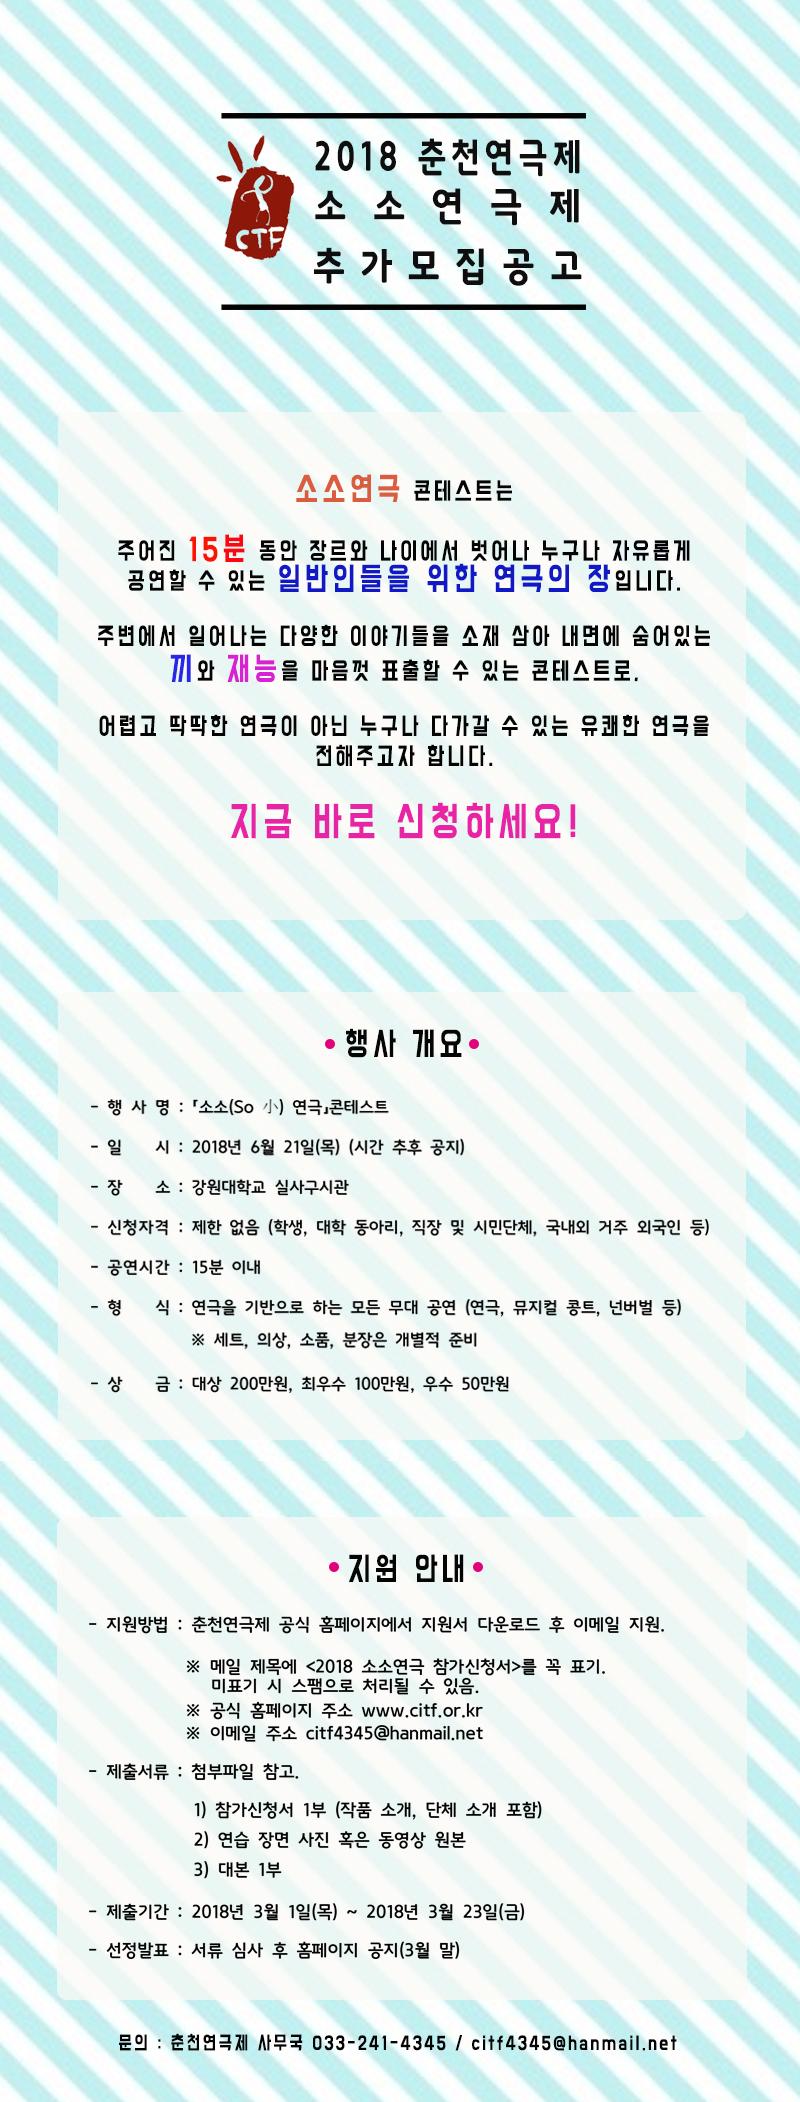 2018춘천연극제 소소연극제 추가모집공고 가독성 수정-업로드용-.jpg